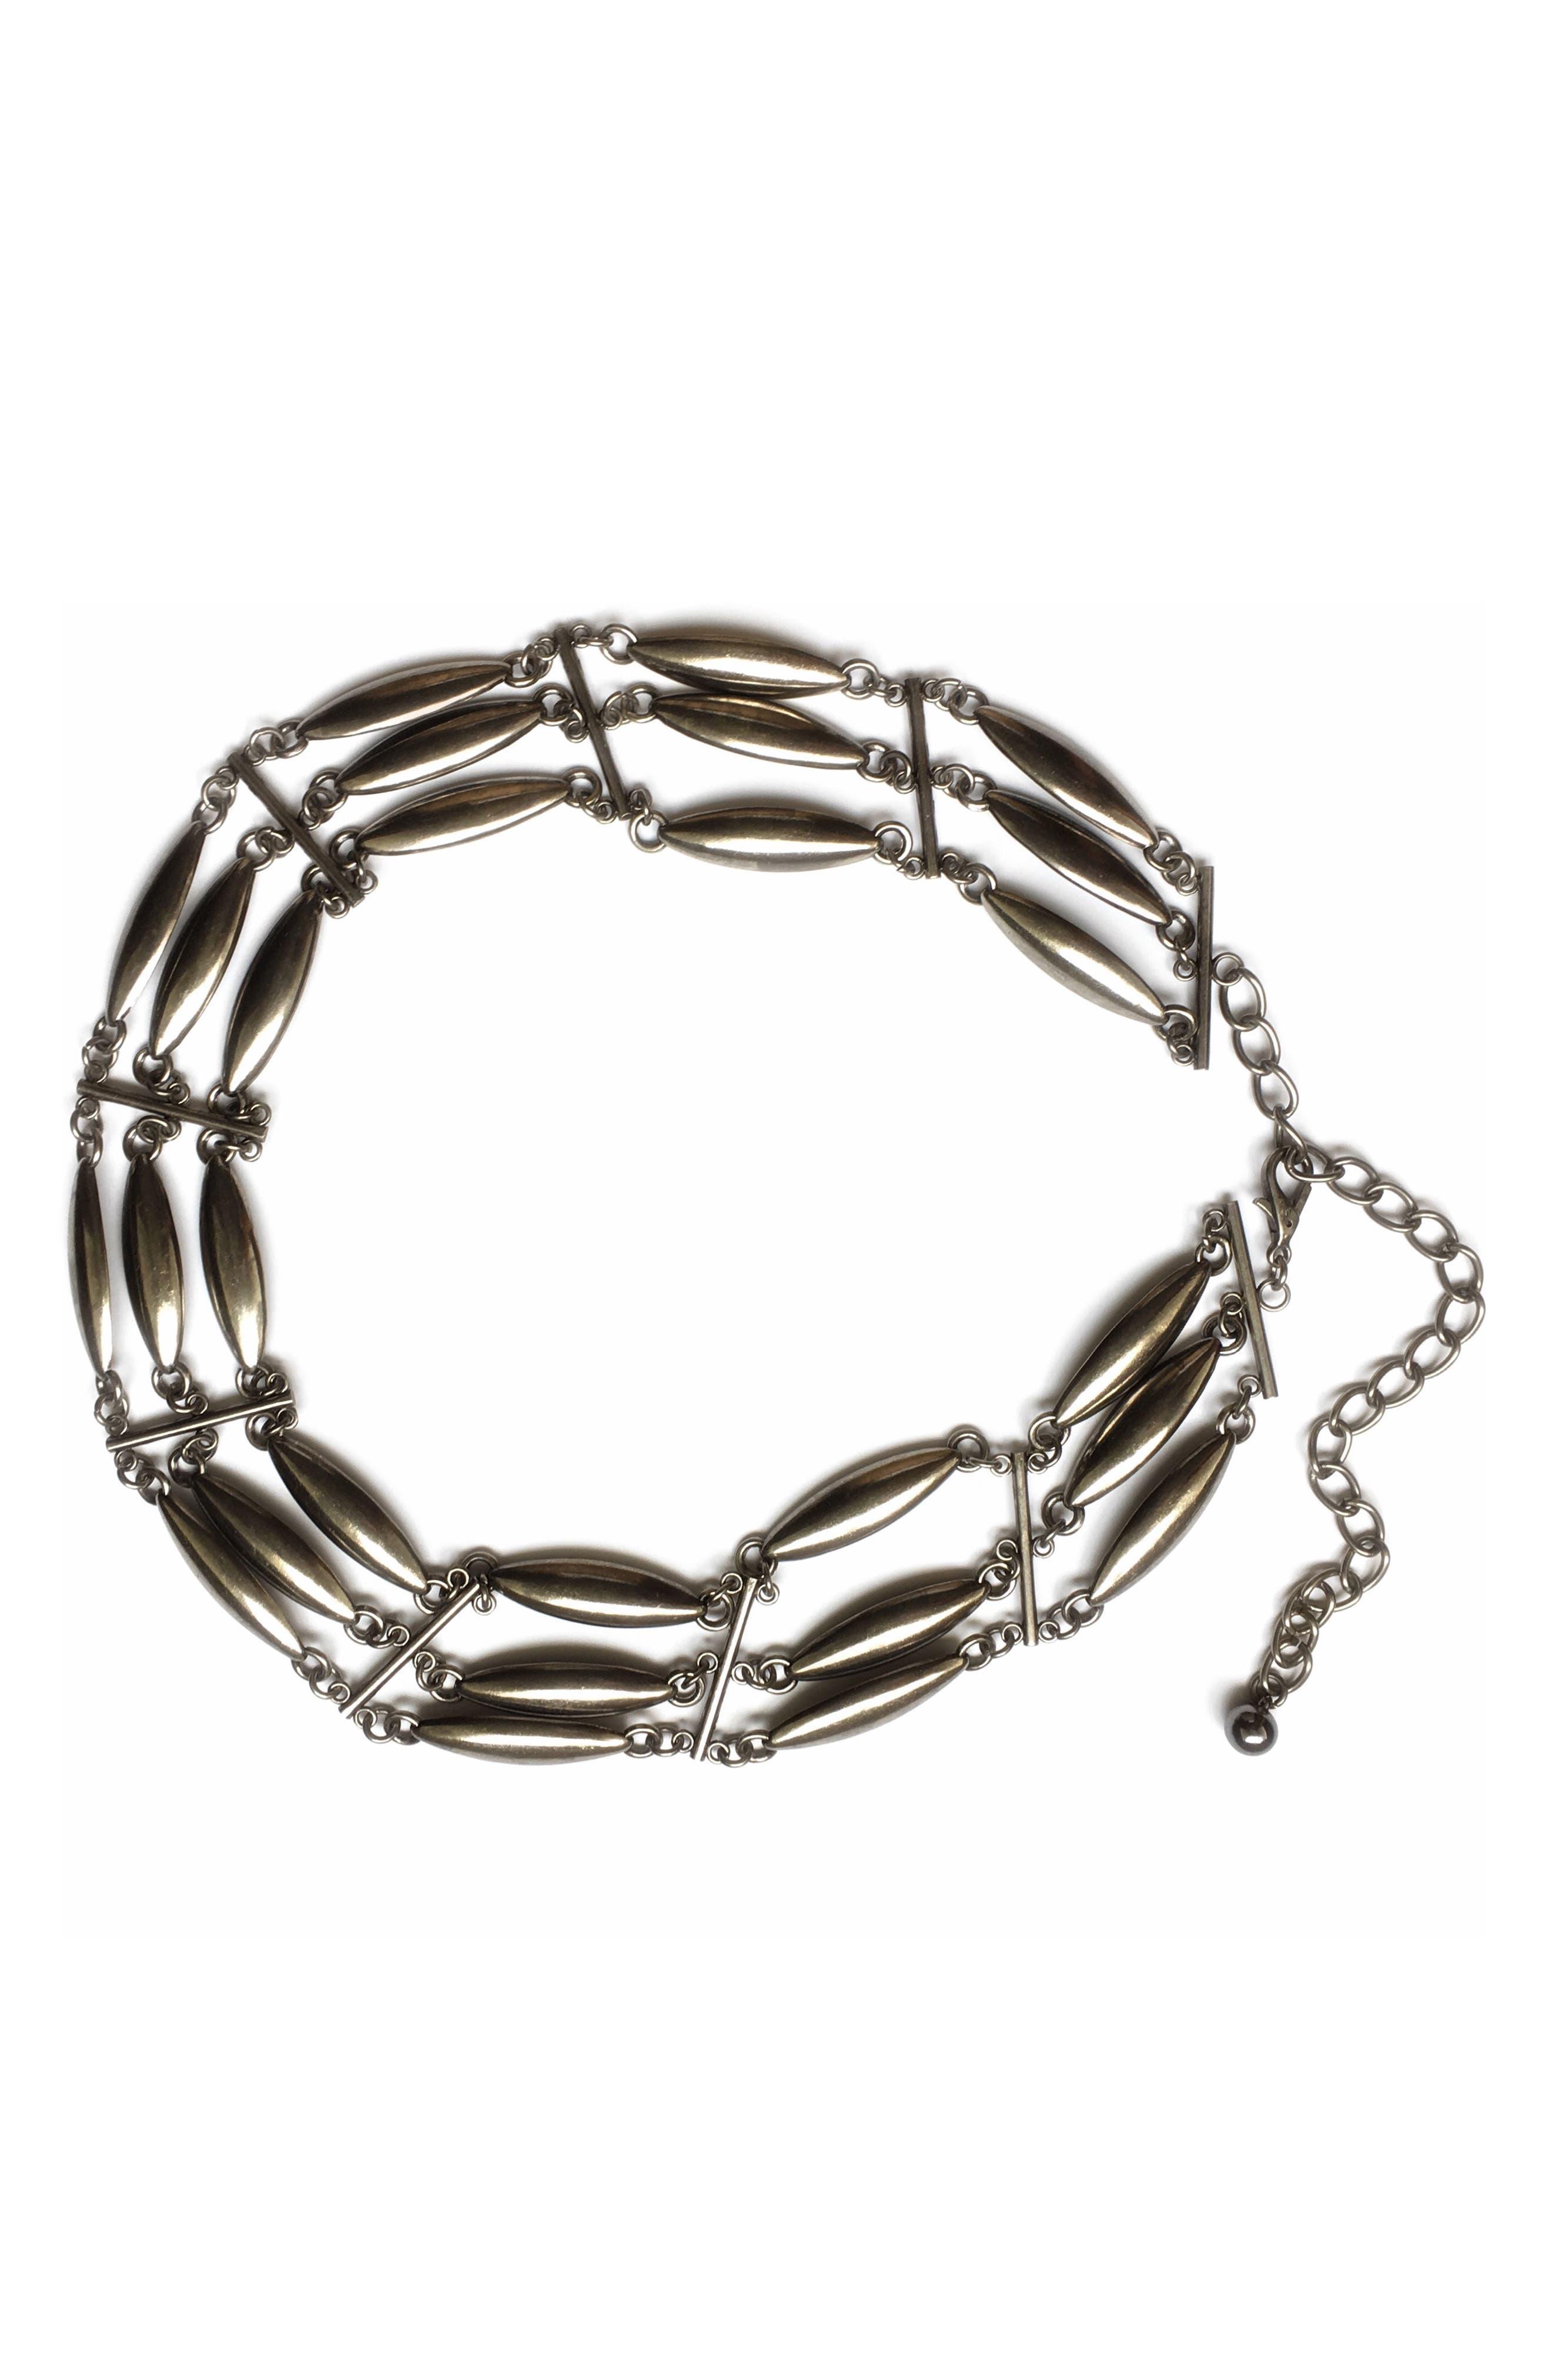 LOVESTRENGTH Amor Multi Chain Belt in Silver